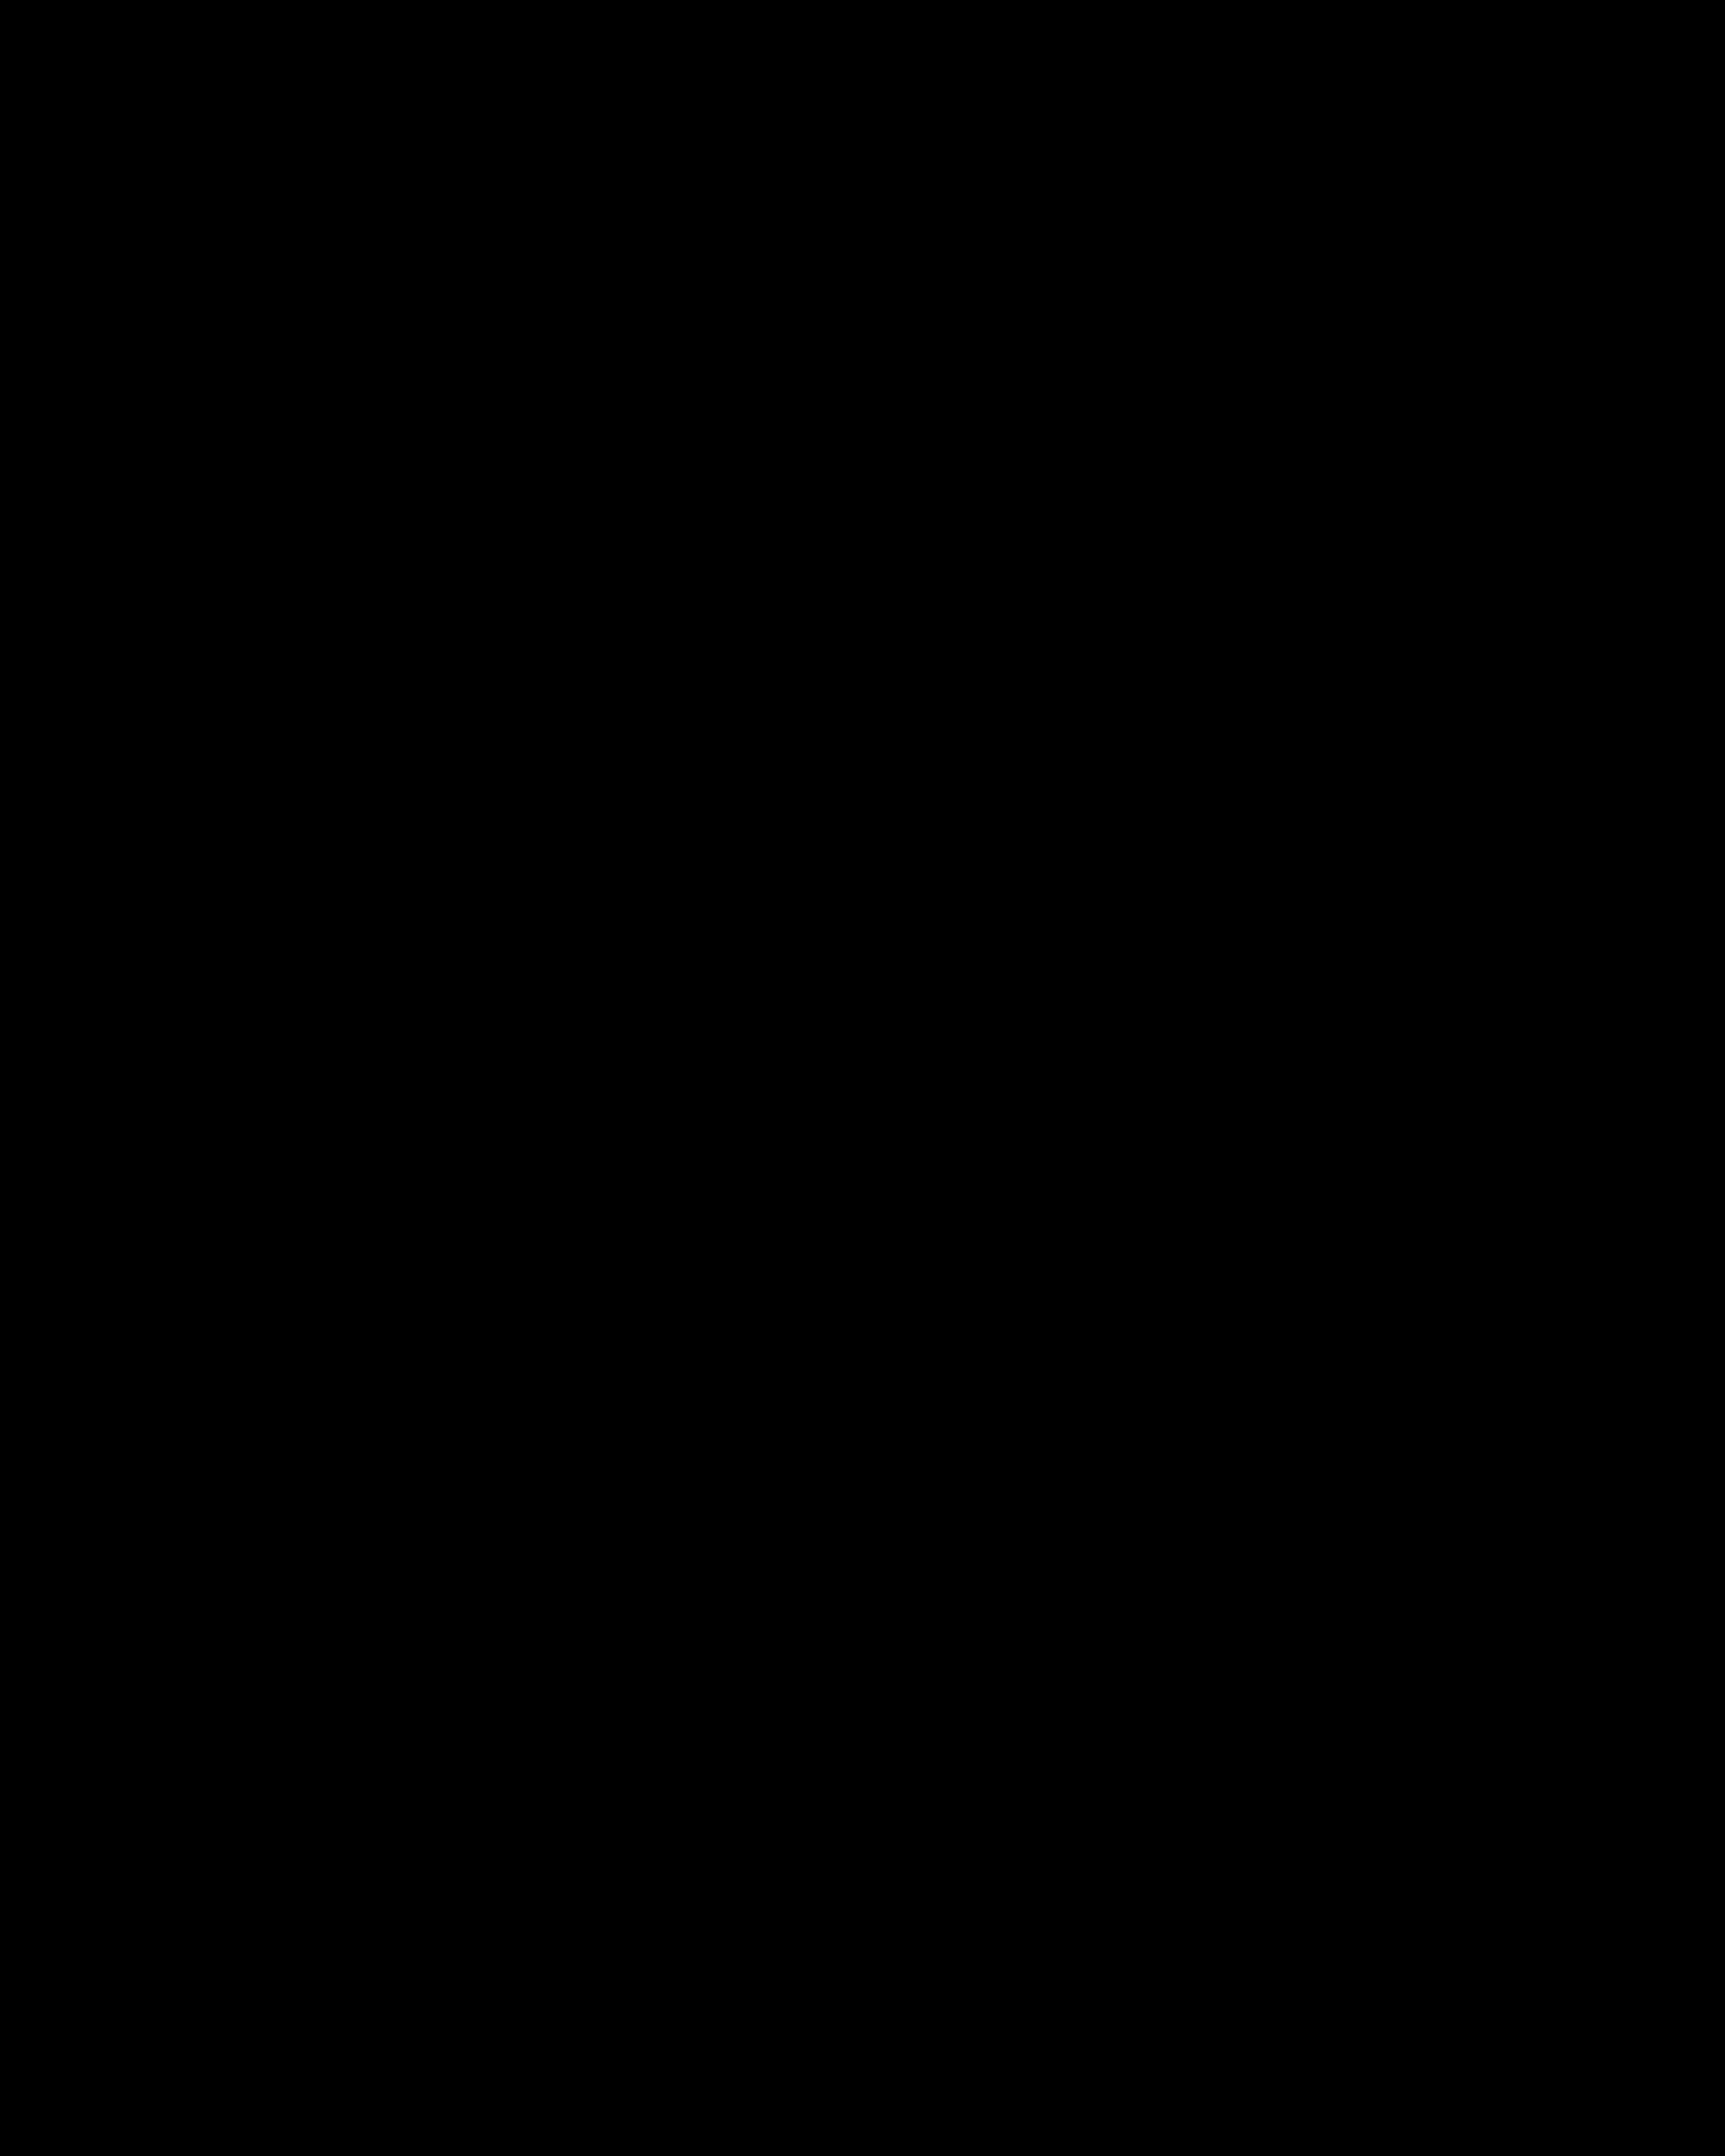 Edward Vidaurri